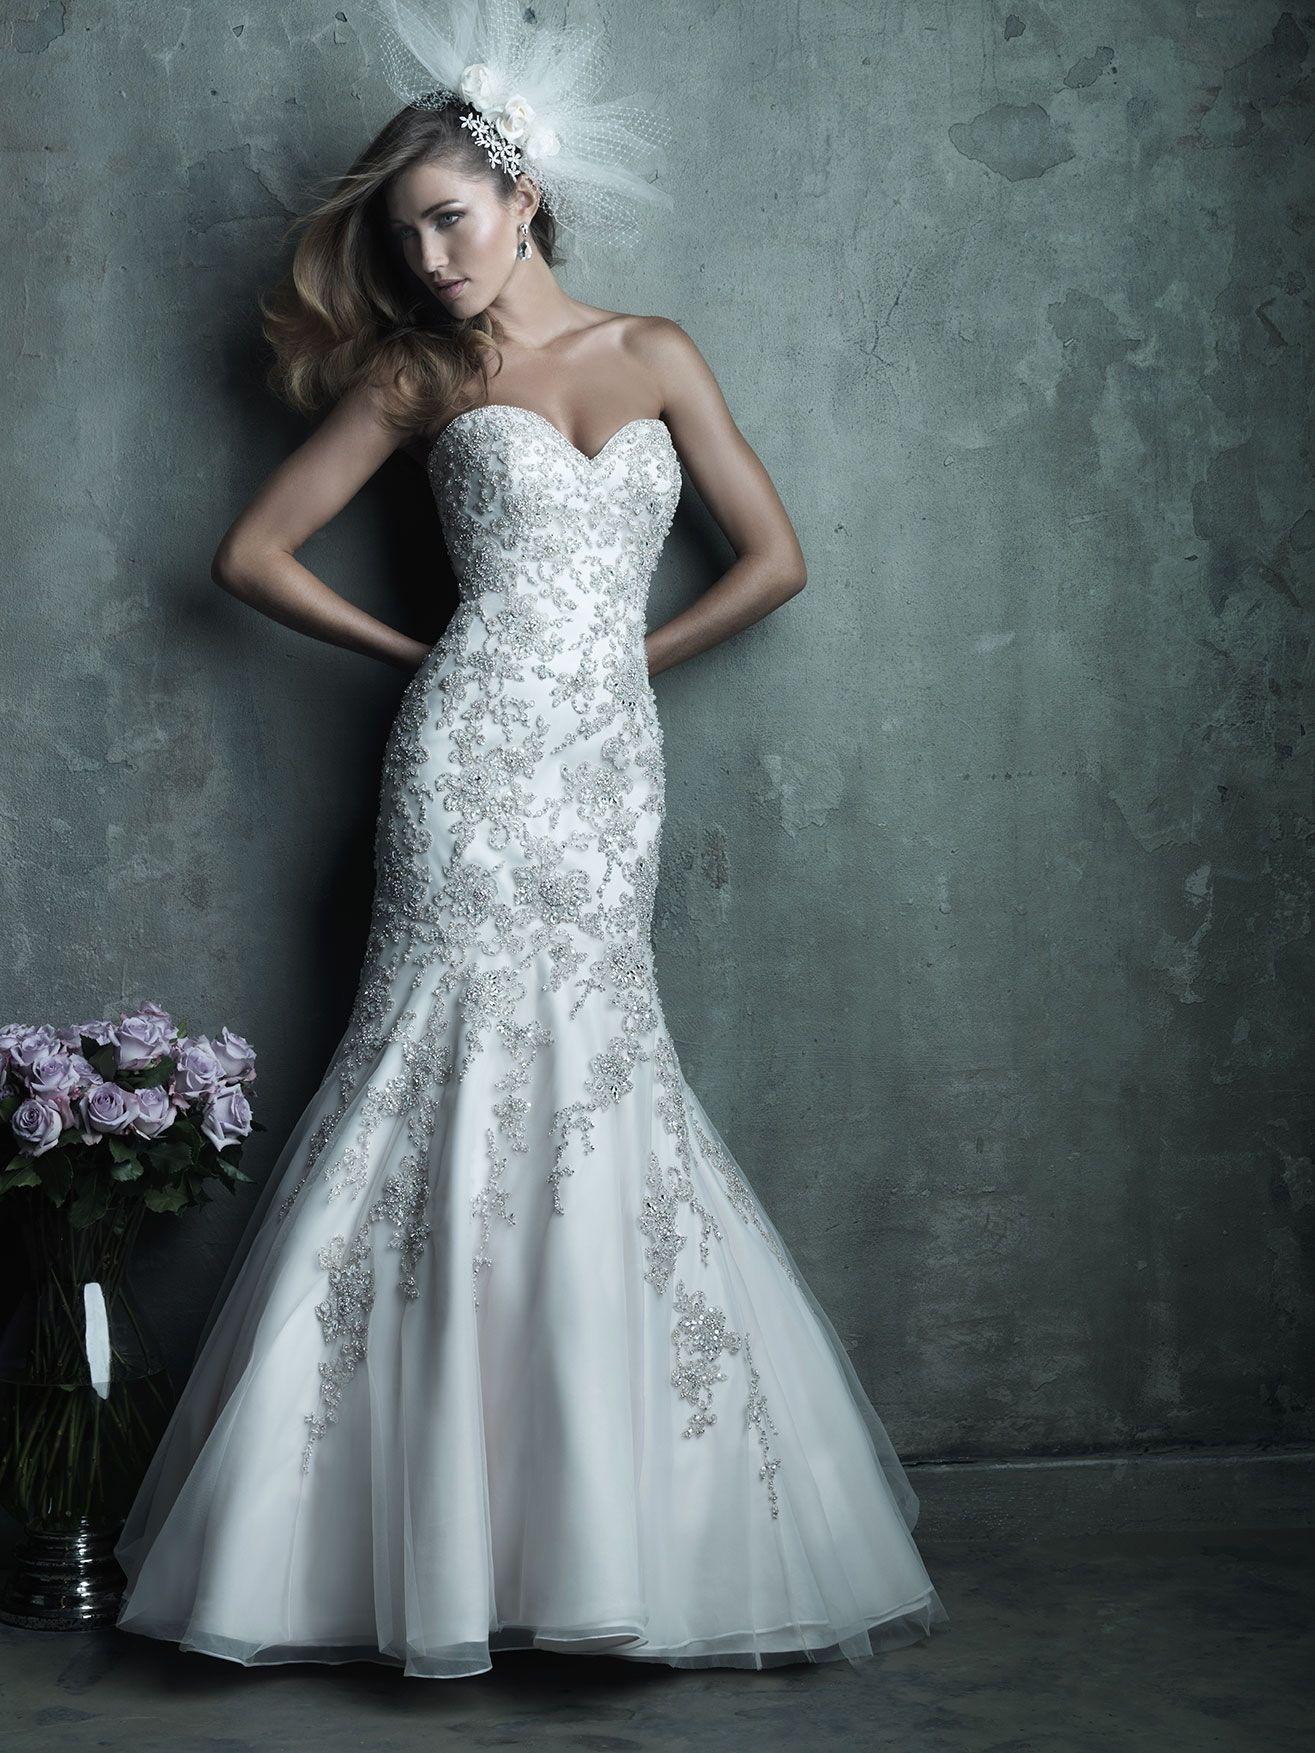 Allure Bridals: Style: C283 :: Garden Wedding Dress | Dream wedding ...